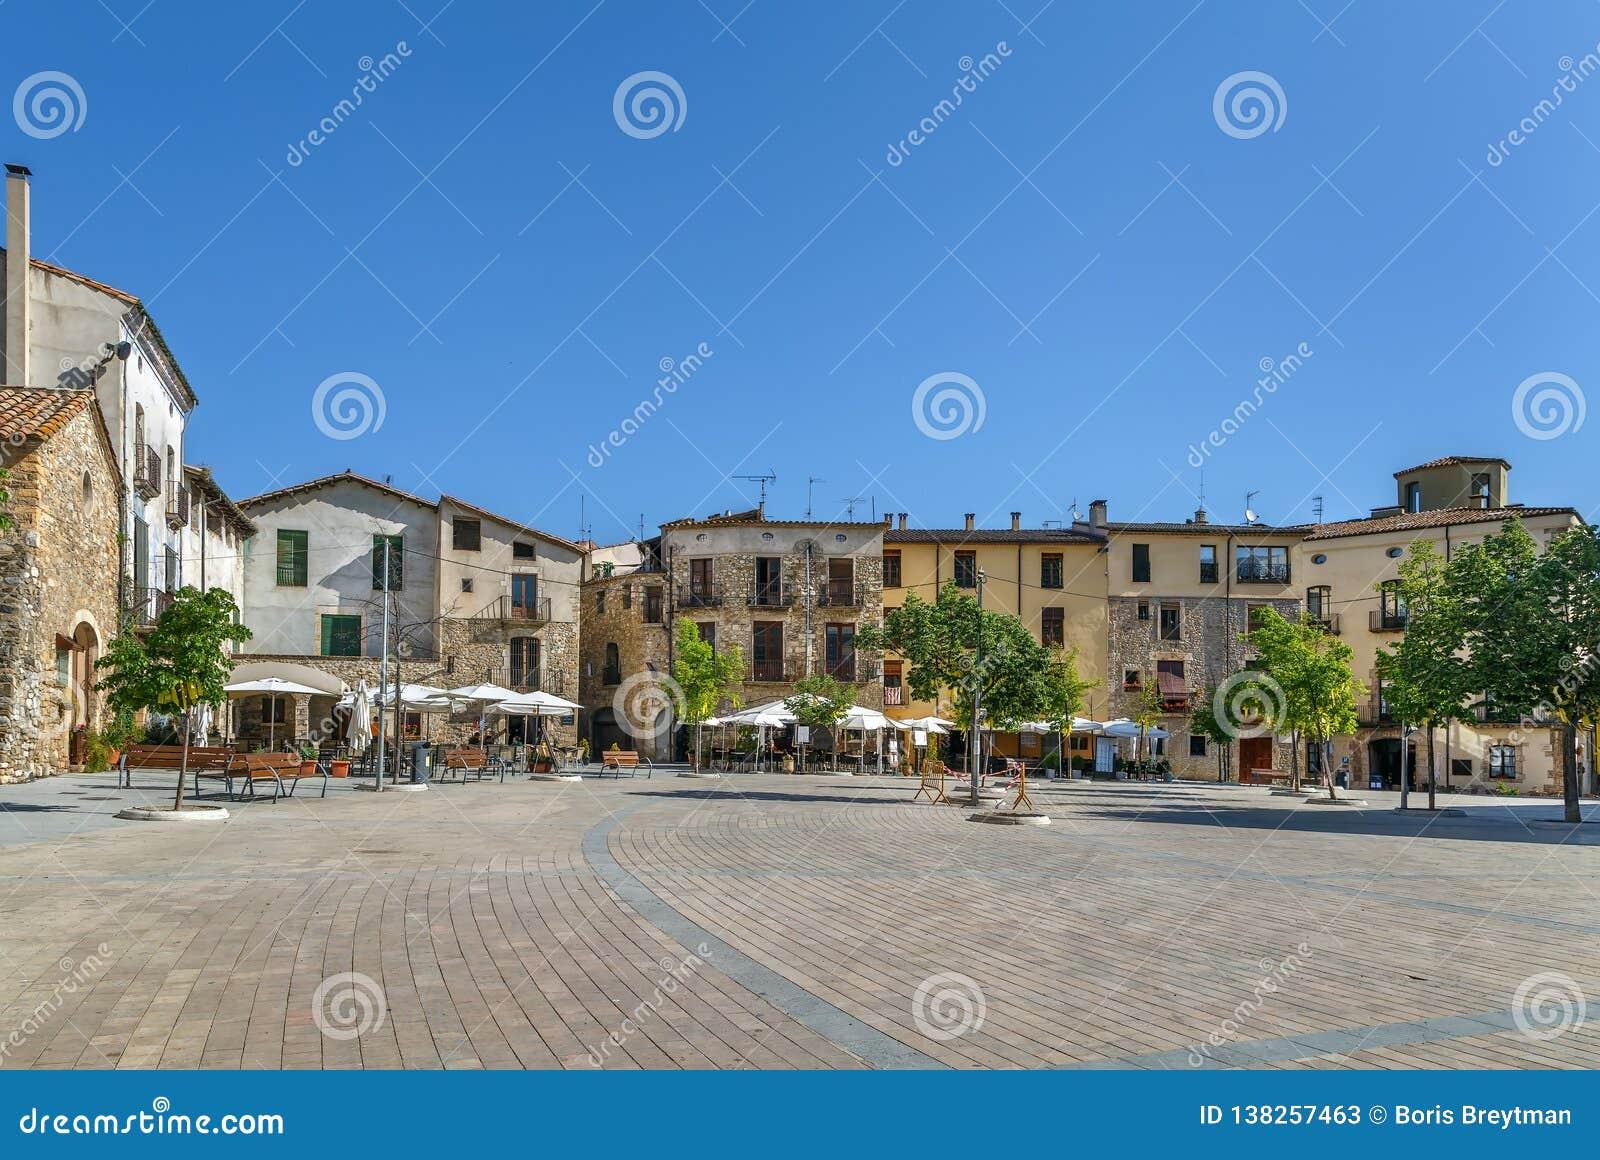 Huvudsaklig fyrkant i Besalu, Spanien